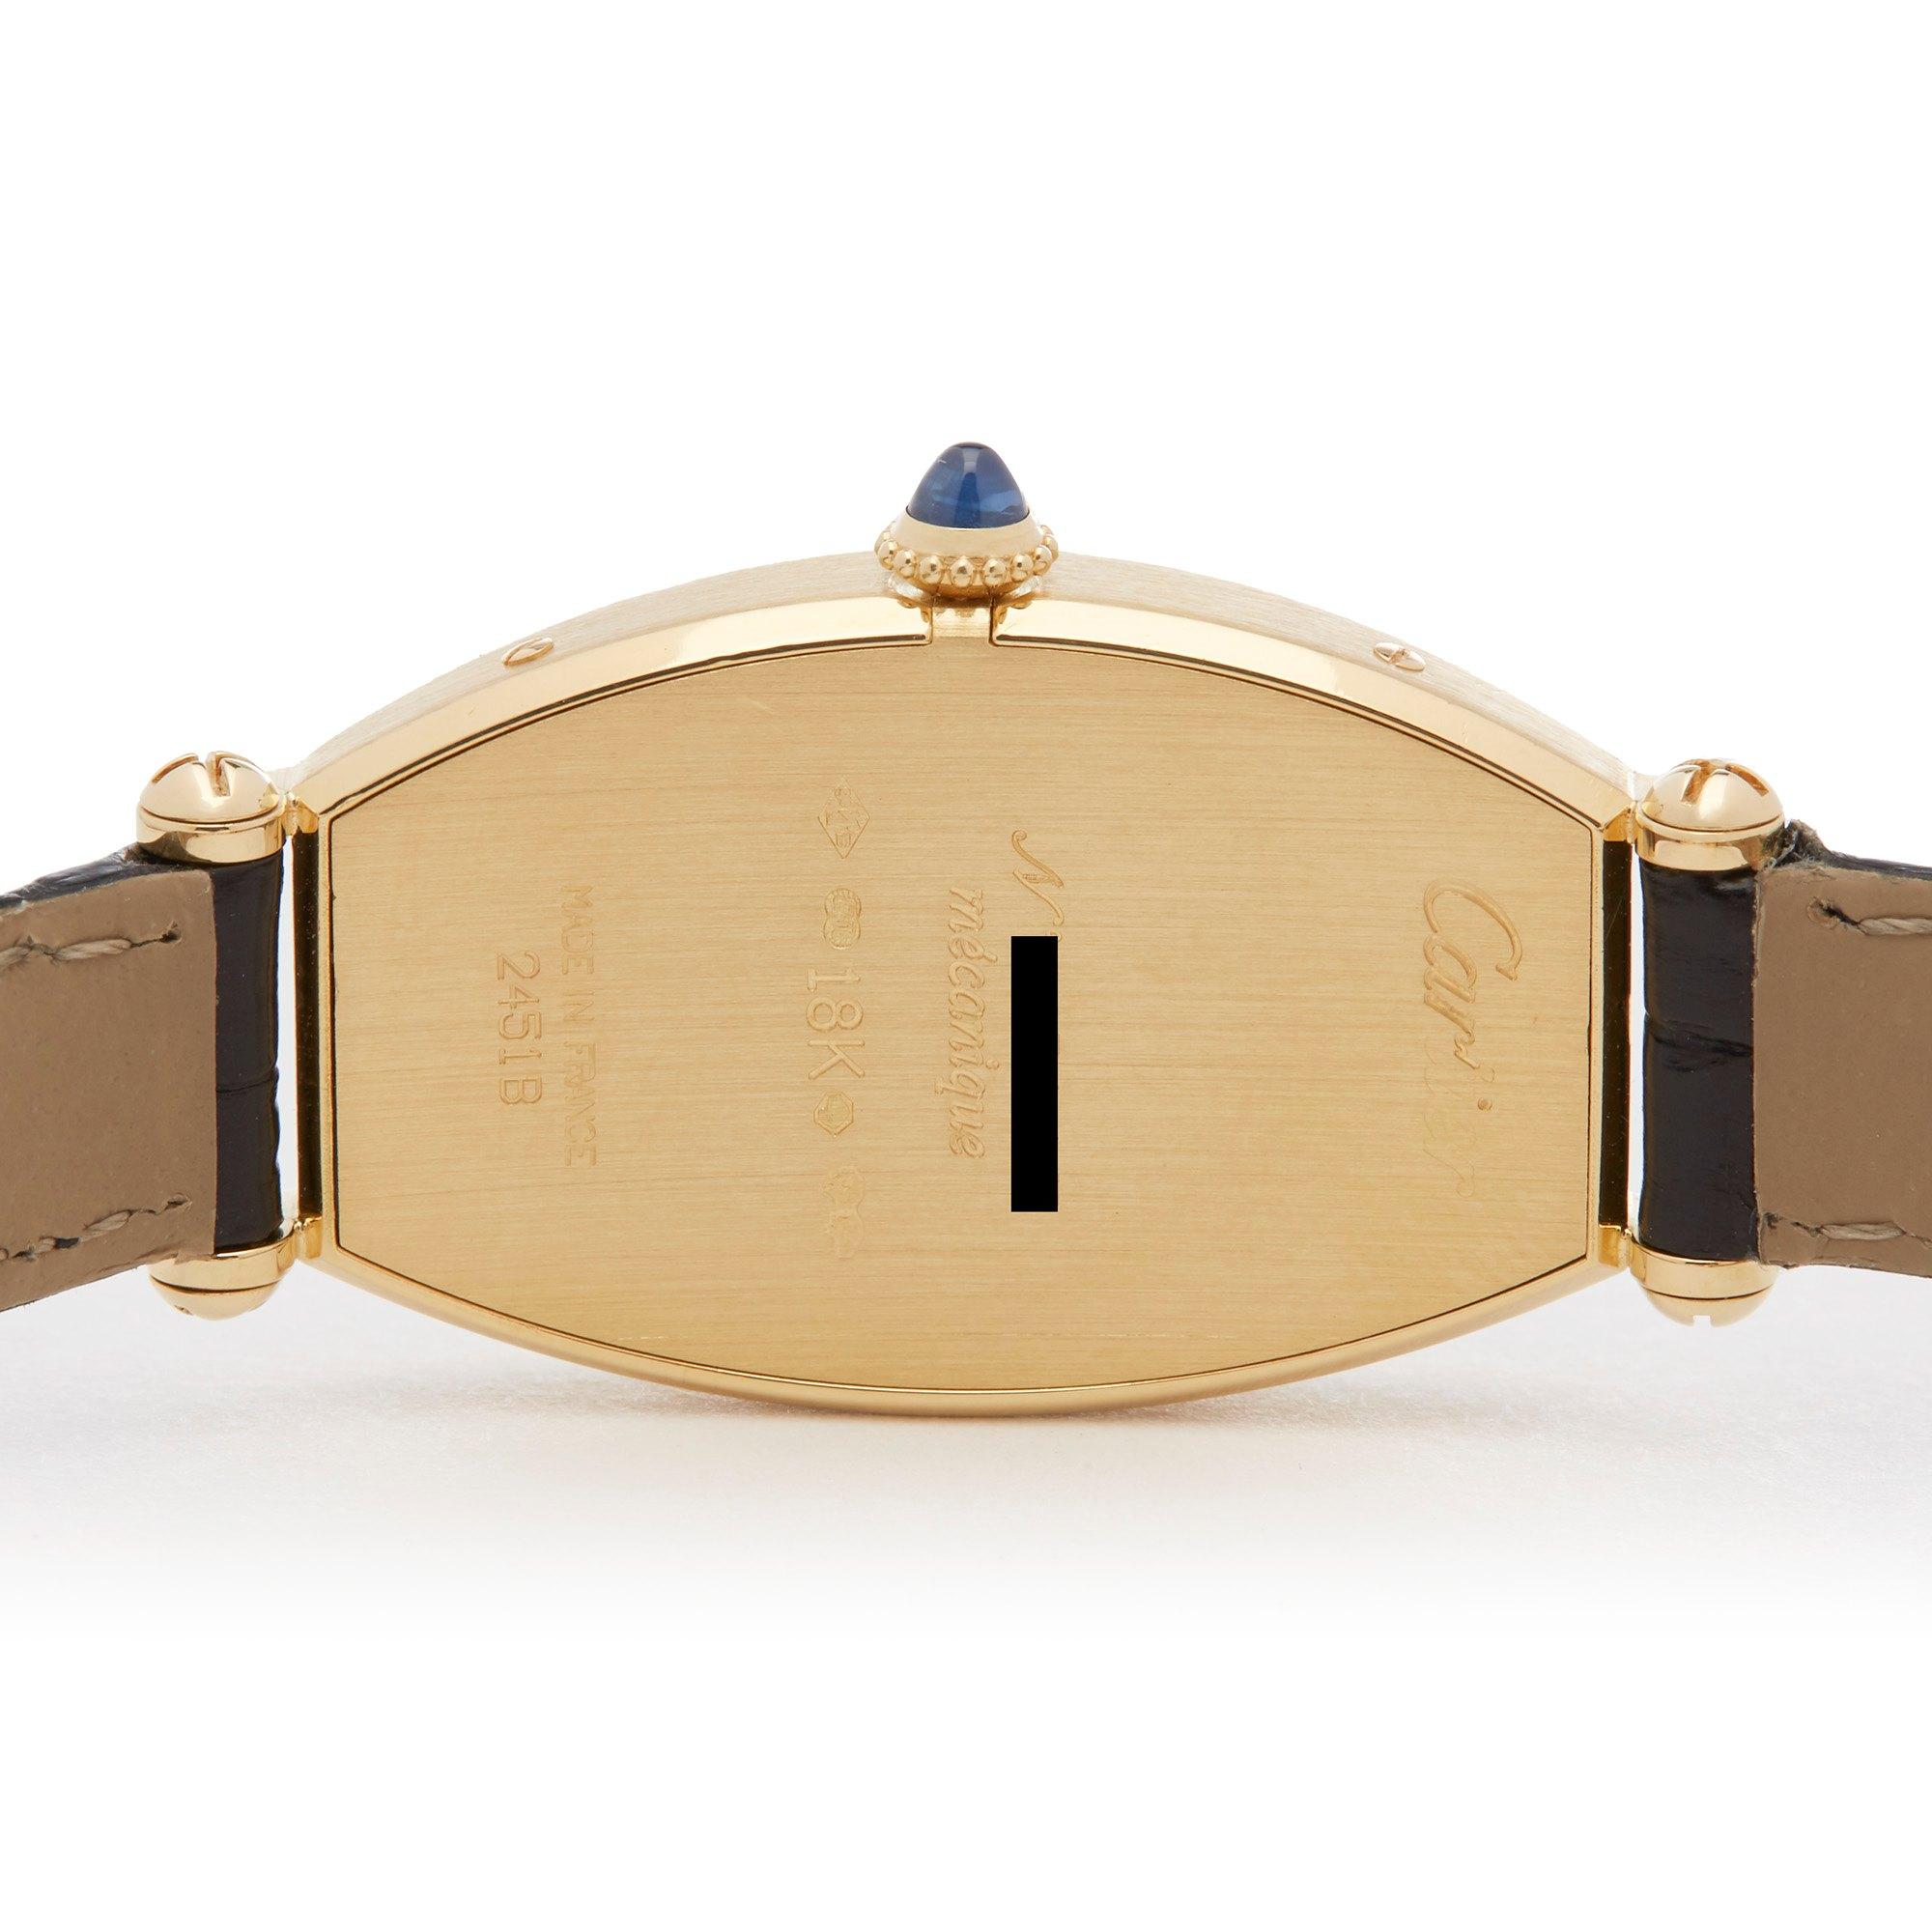 Cartier Tonneau 18k Yellow Gold 89590043 or 0078